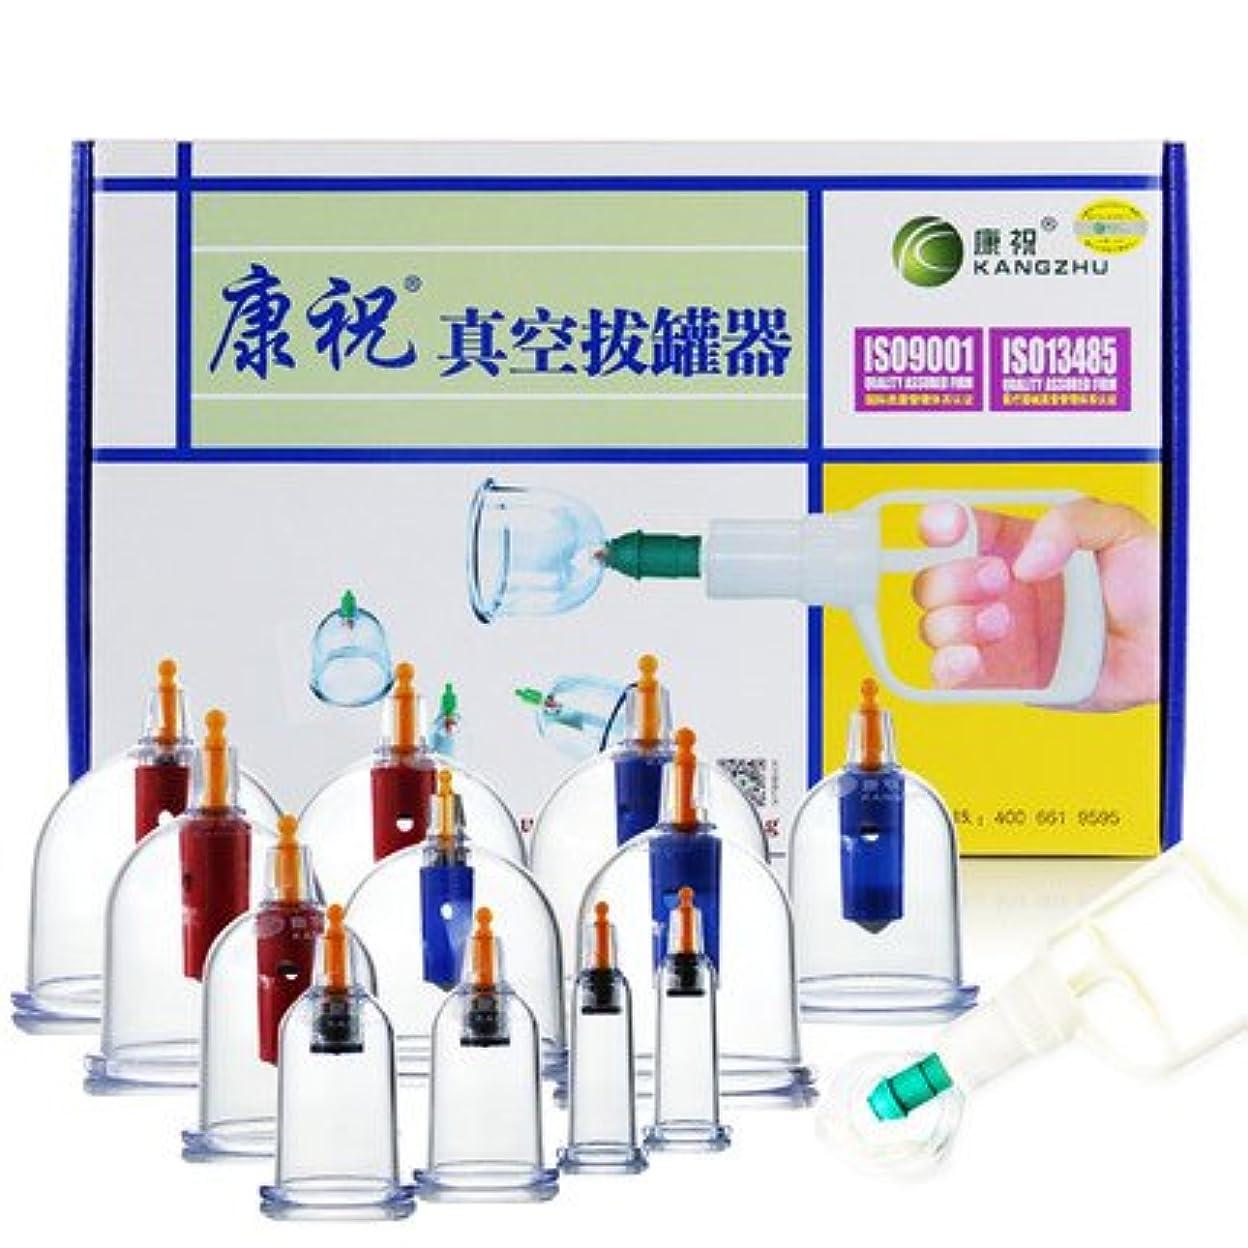 kangzhu 「新包装」カッピング cupping 吸い玉カップ 脂肪吸引 康祝 KANGZHU 6種 12個カップ 自宅エステ アンチエイジングに B12